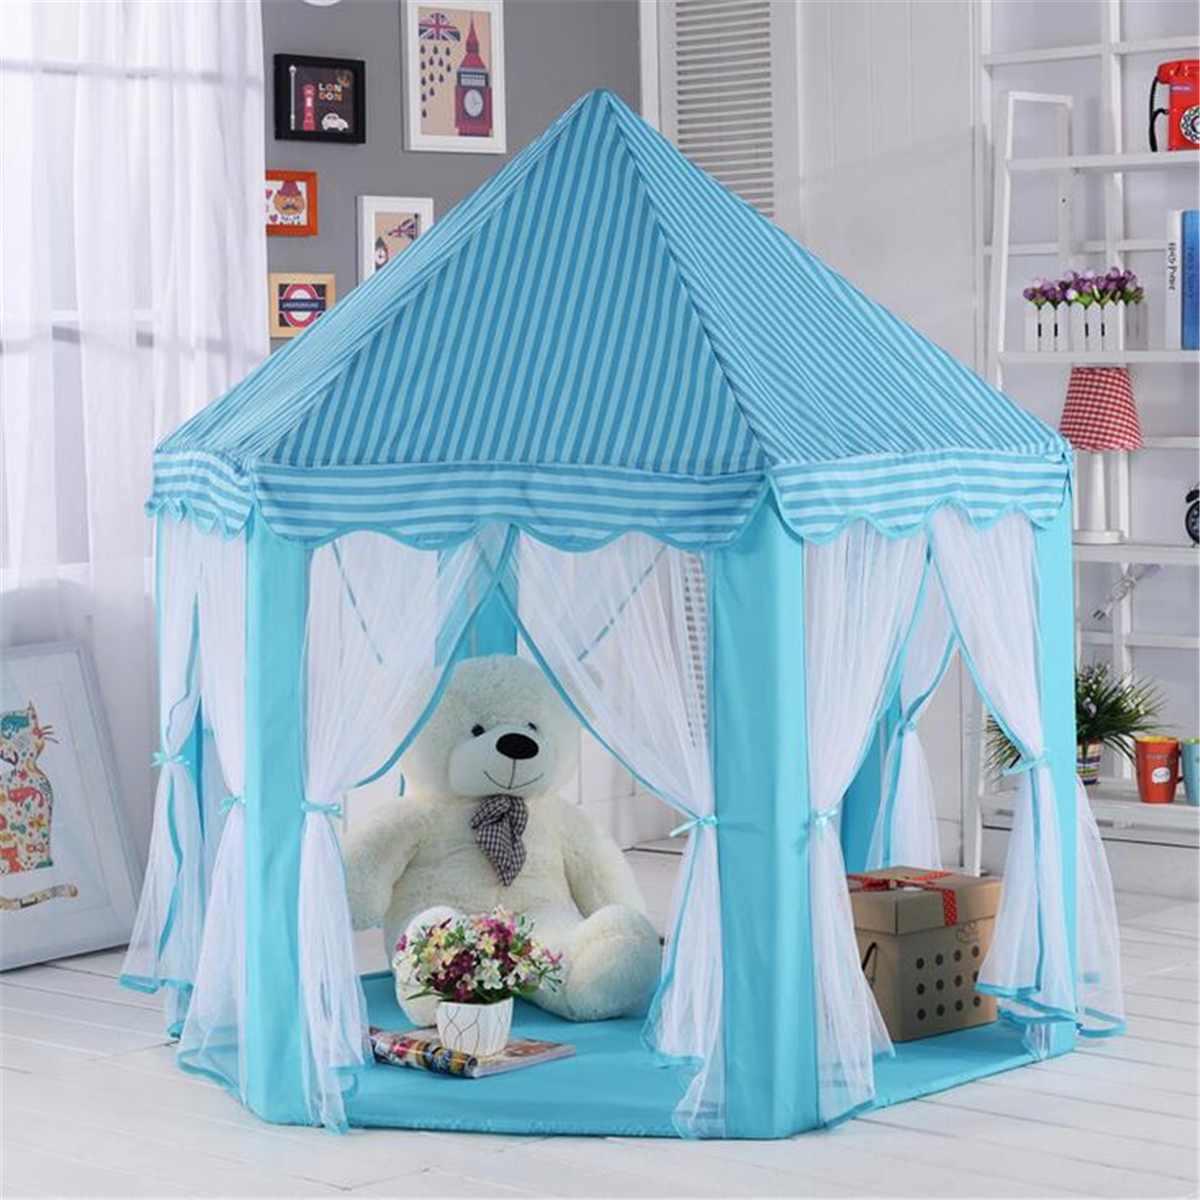 Enfants enfants tentes hexagone Playhouse dormir dôme intérieur extérieur filles château tipi grande tente de jeu bébé jouets maison balle piscine